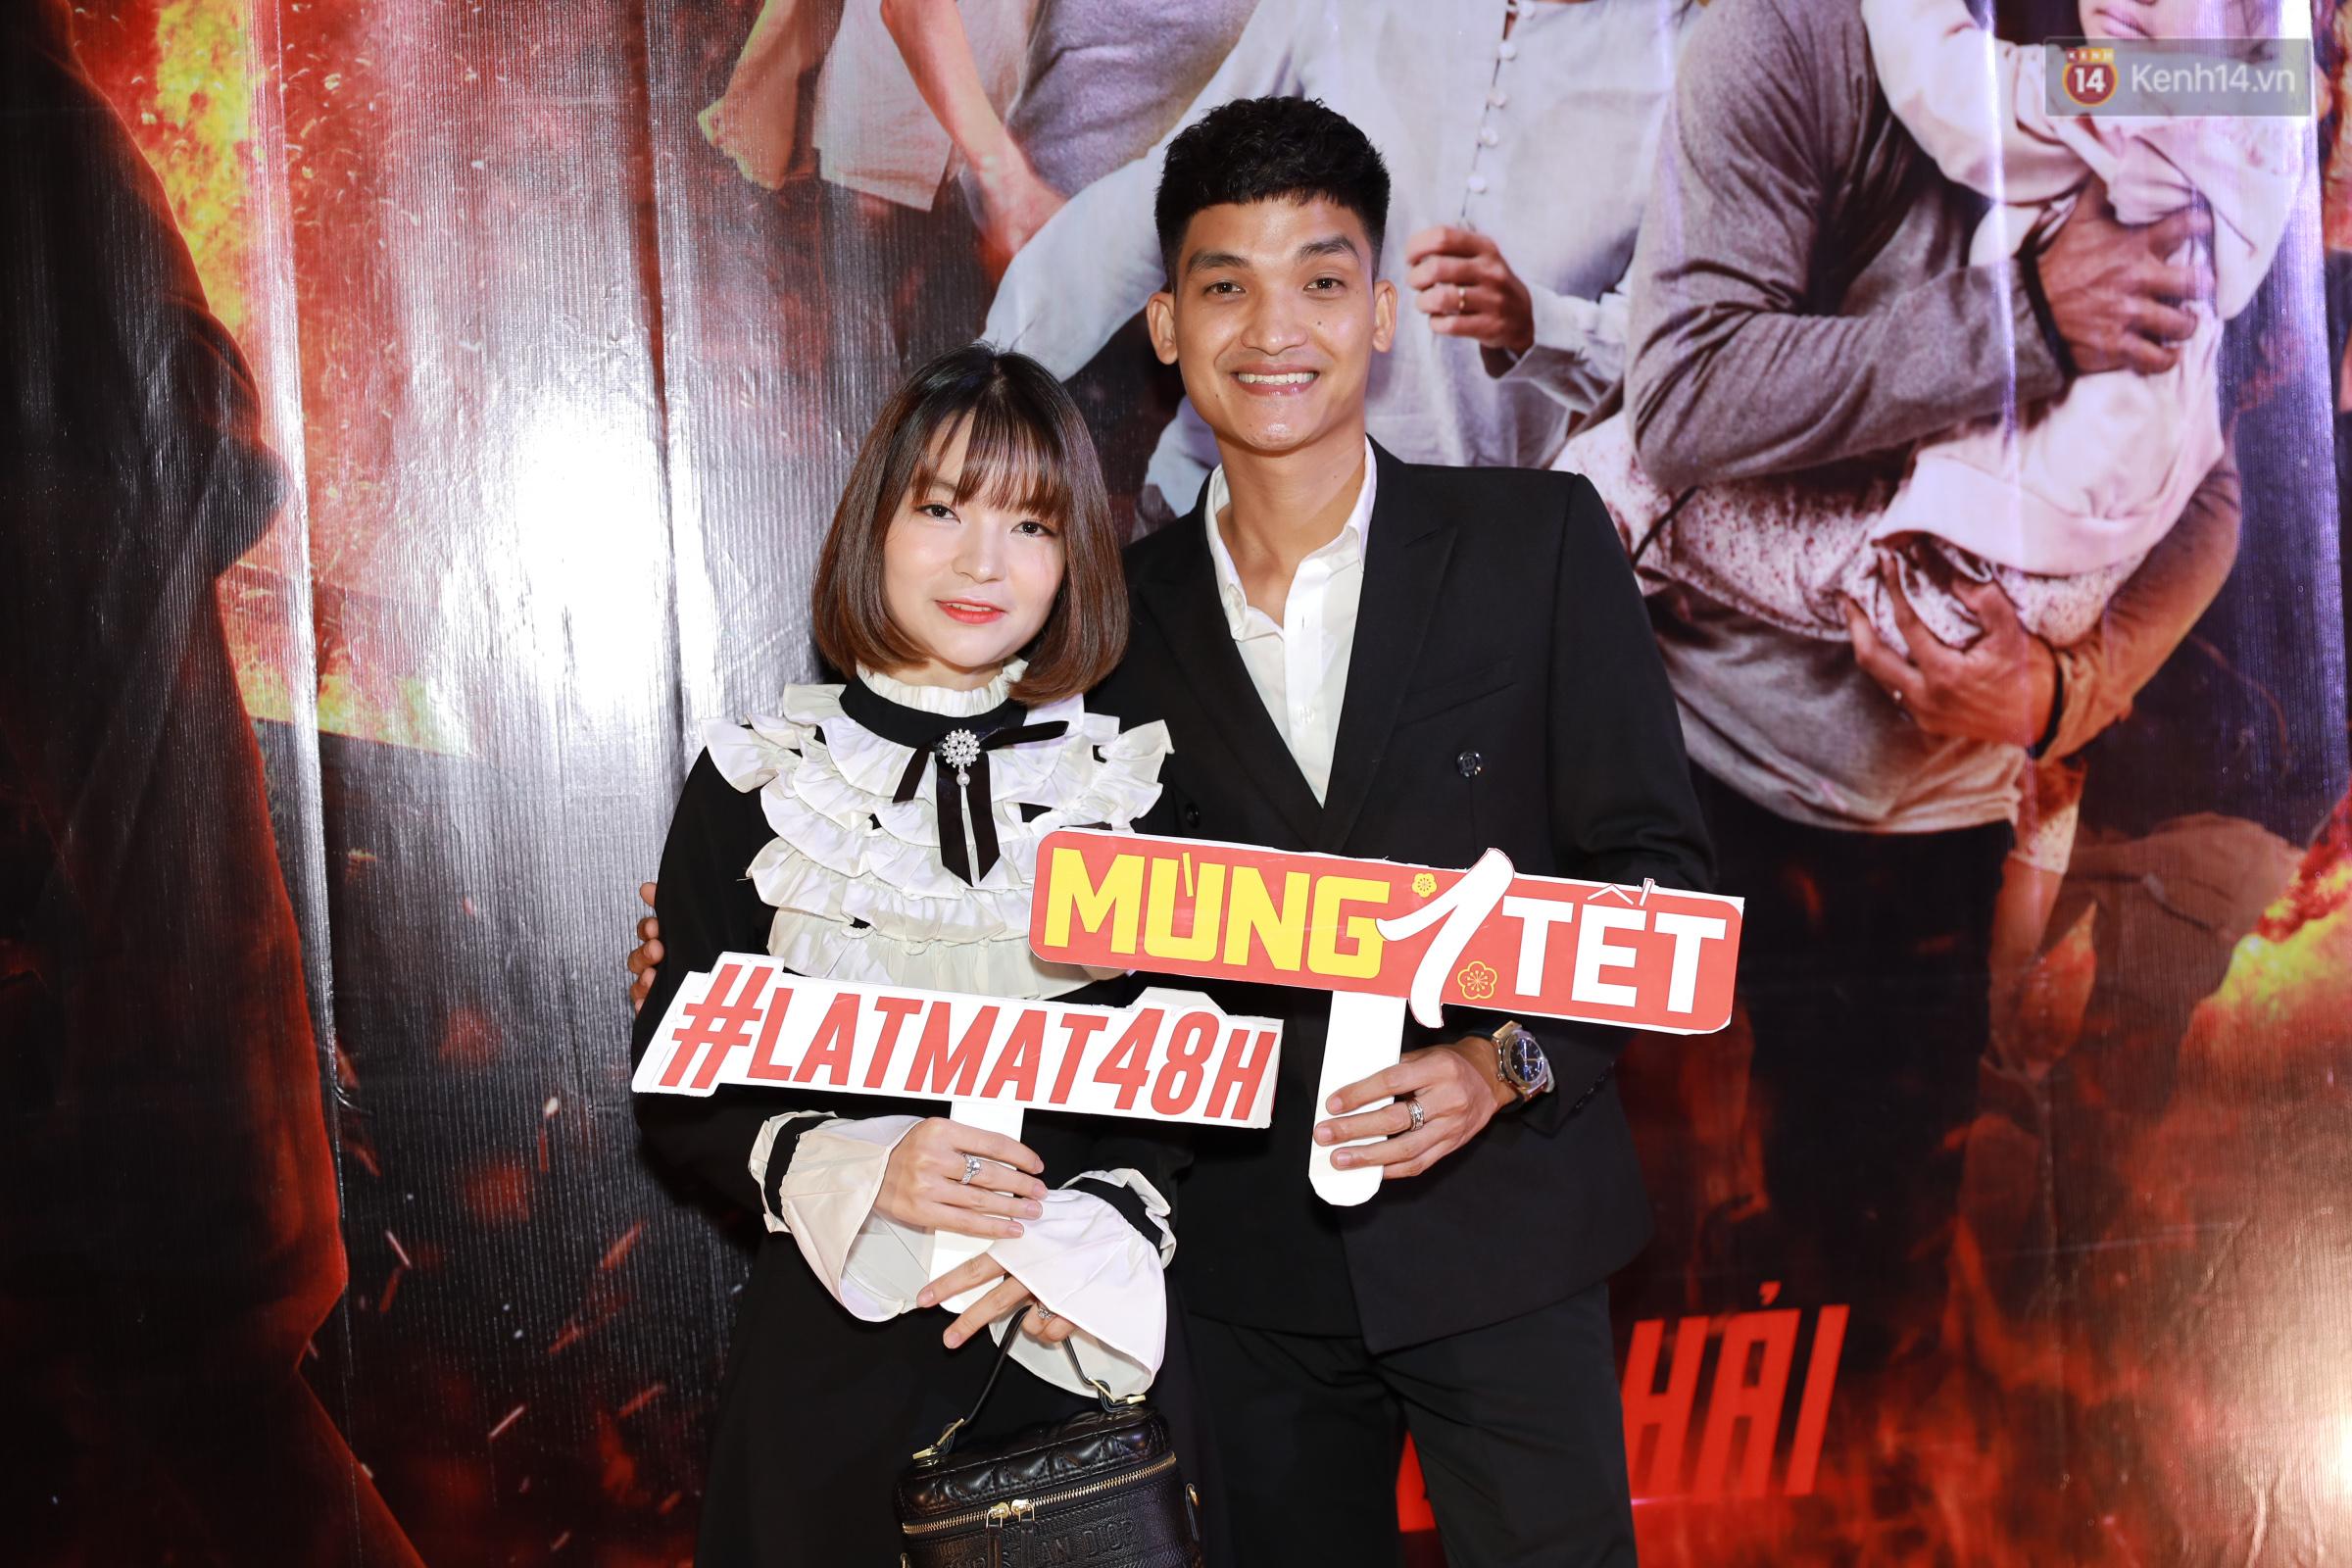 Mạc Văn Khoa xuất hiện ngọt ngào bên vợ mới cưới, bộ đôi Lý Hải - Minh Hà bám nhau tình tứ ở buổi ra mắt phim Tết Lật Mặt - Ảnh 7.